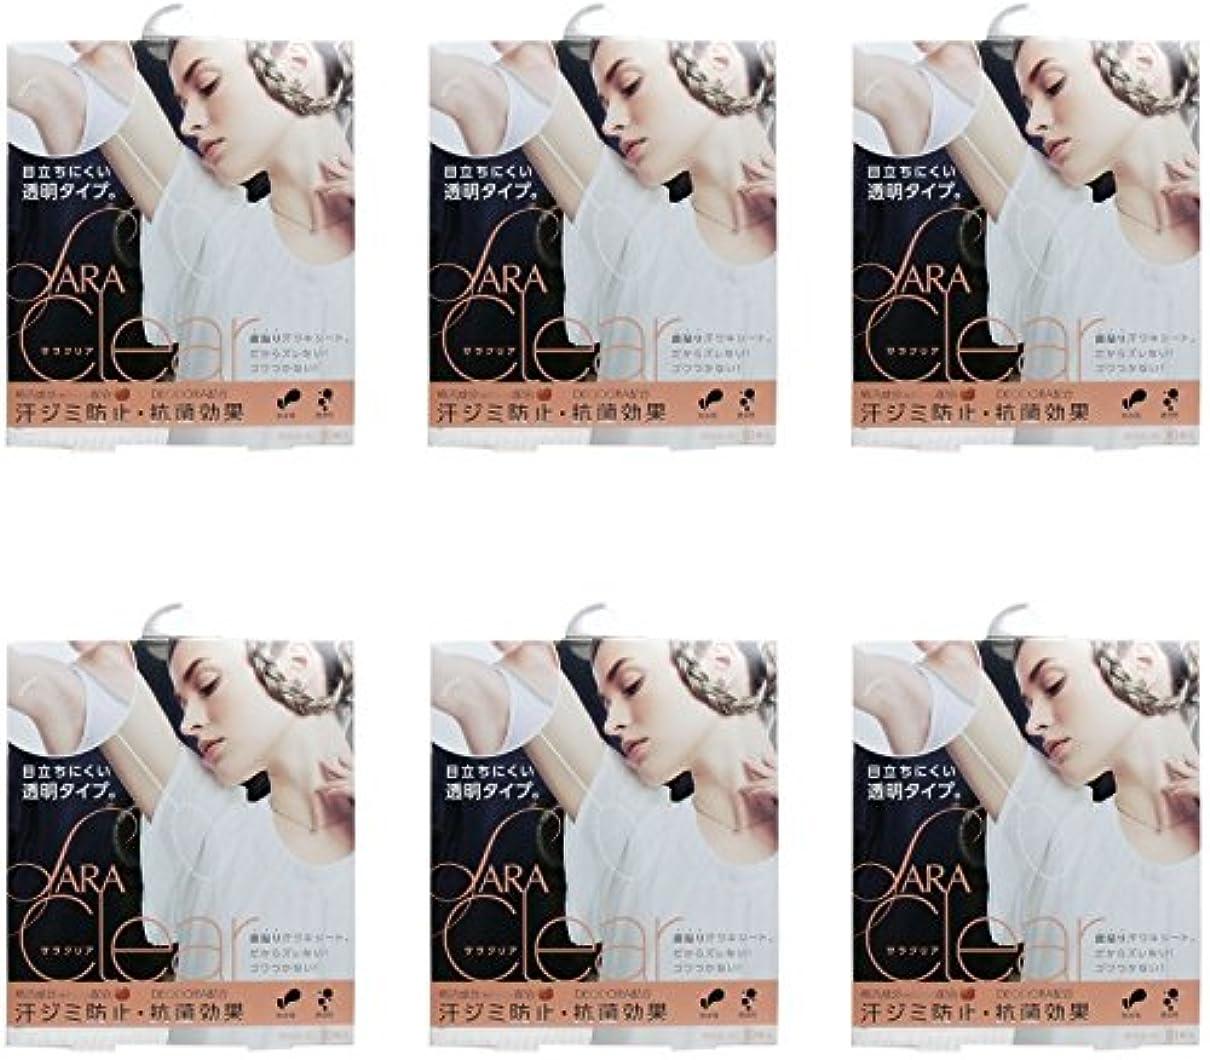 ビルダー教える検索エンジンマーケティング【まとめ買い】サラクリア(汗ワキシート) 10枚入【×6個】